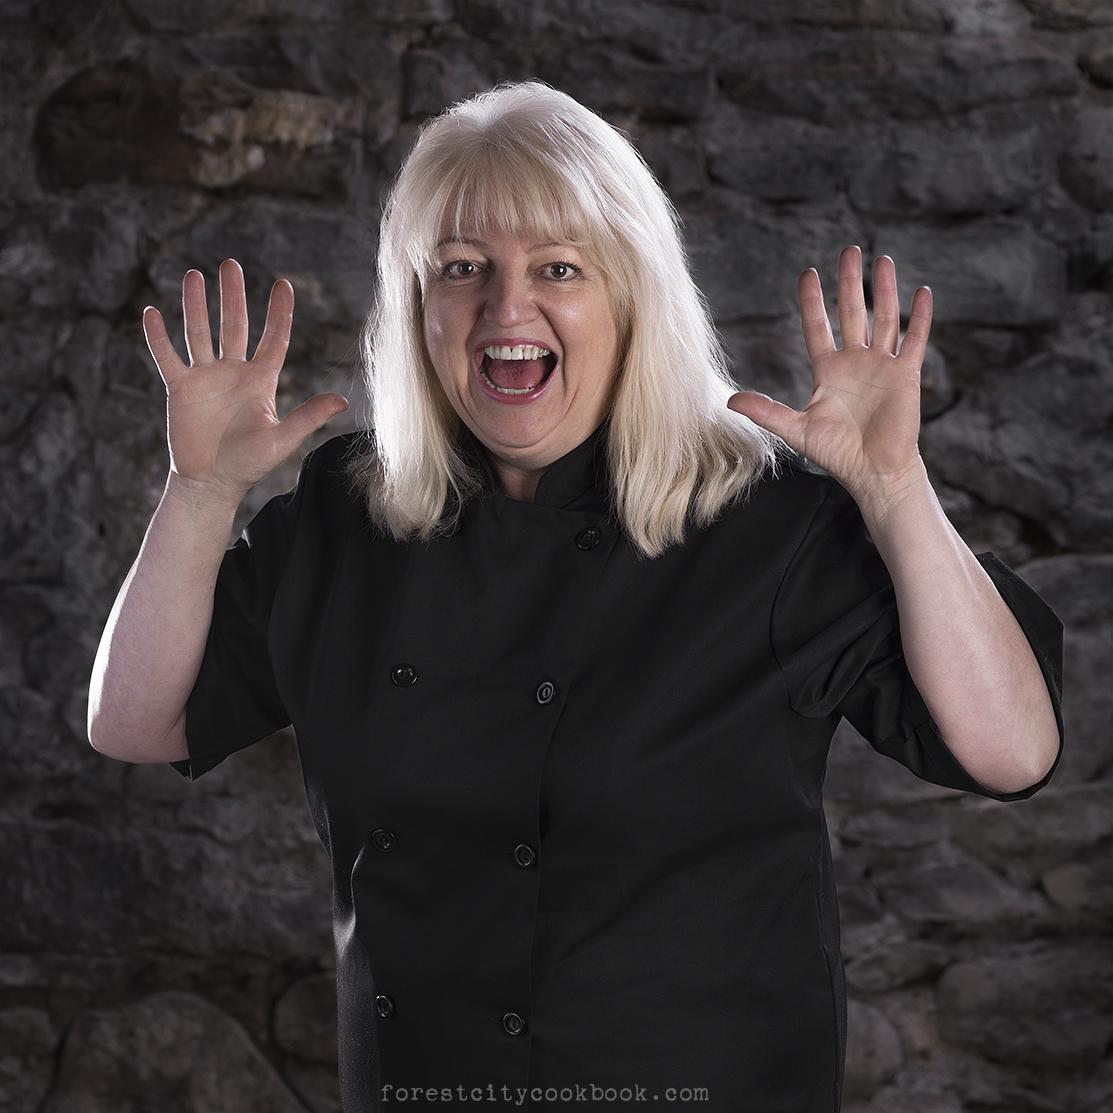 Chef minds - Barbara Czyz - Unique Food Attitudes - London Ontario